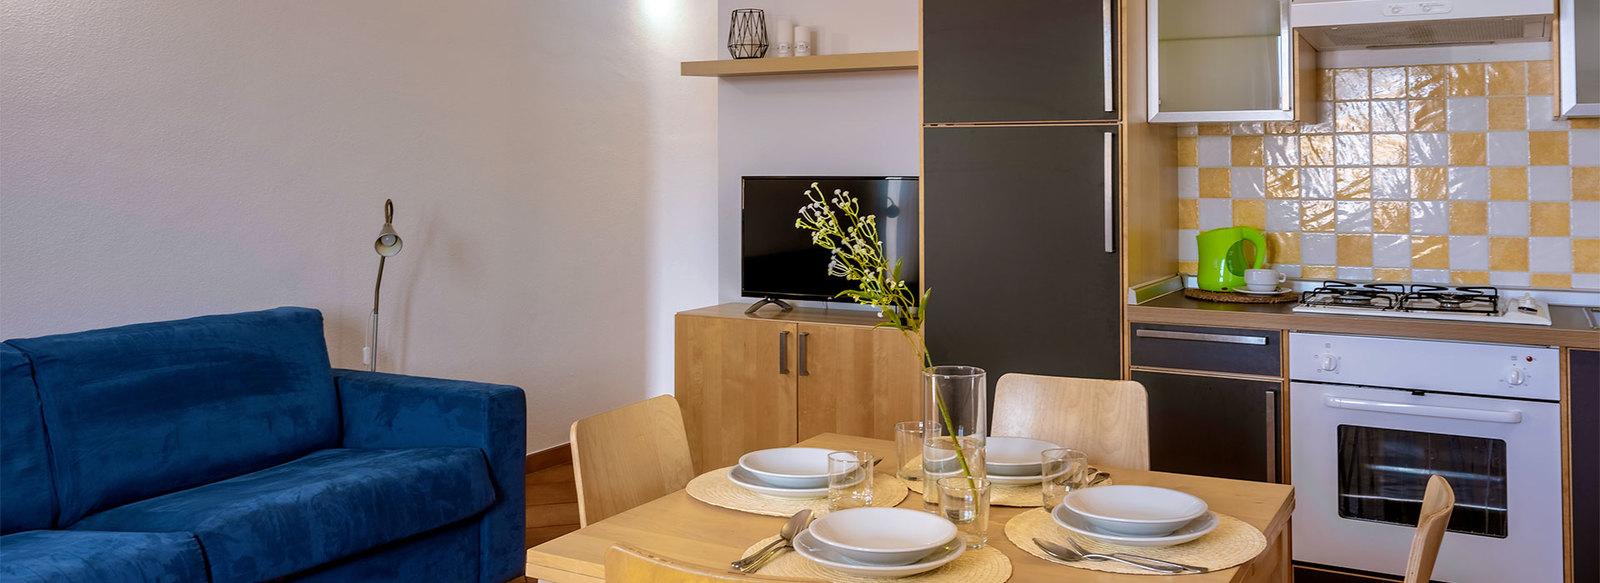 Appartamenti fino a 5 posti in Gallura